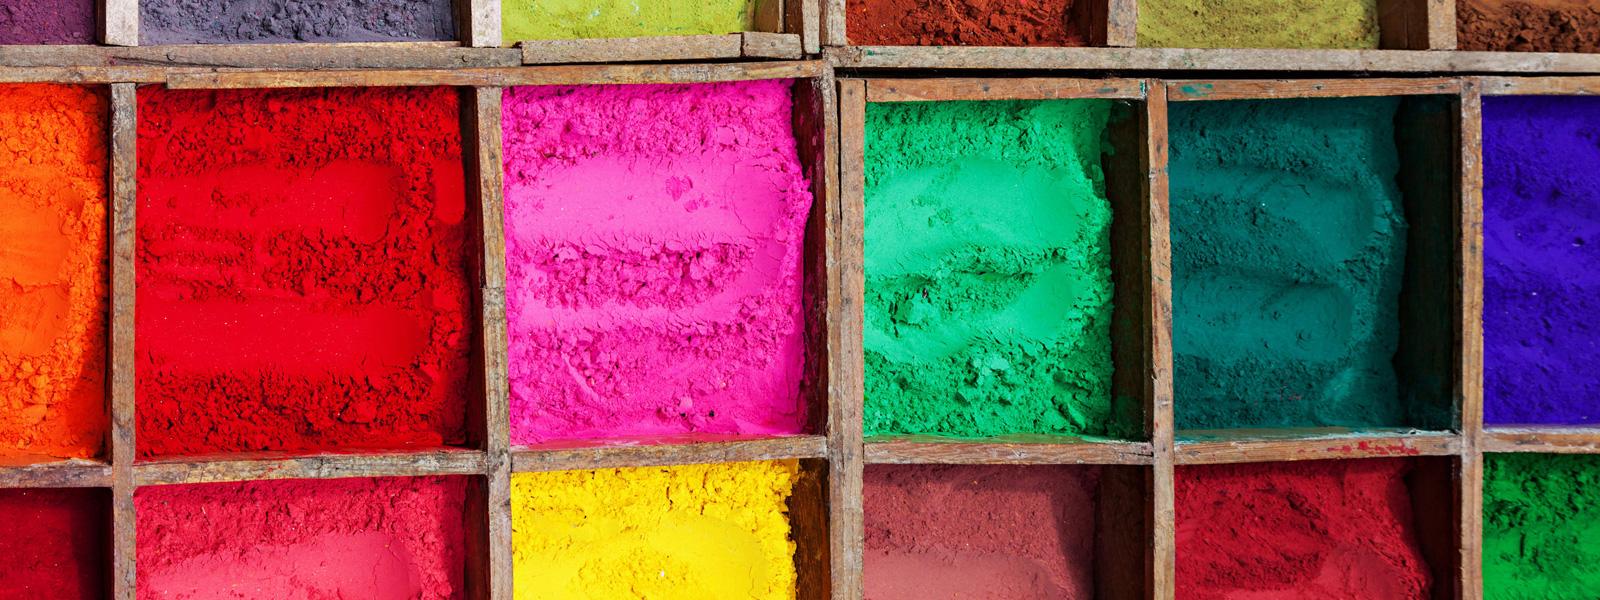 Slide Emozioni del Colore - LabImP - Laboratorio dell'Immaginario Psicopedagogico a Venezia - Mestre